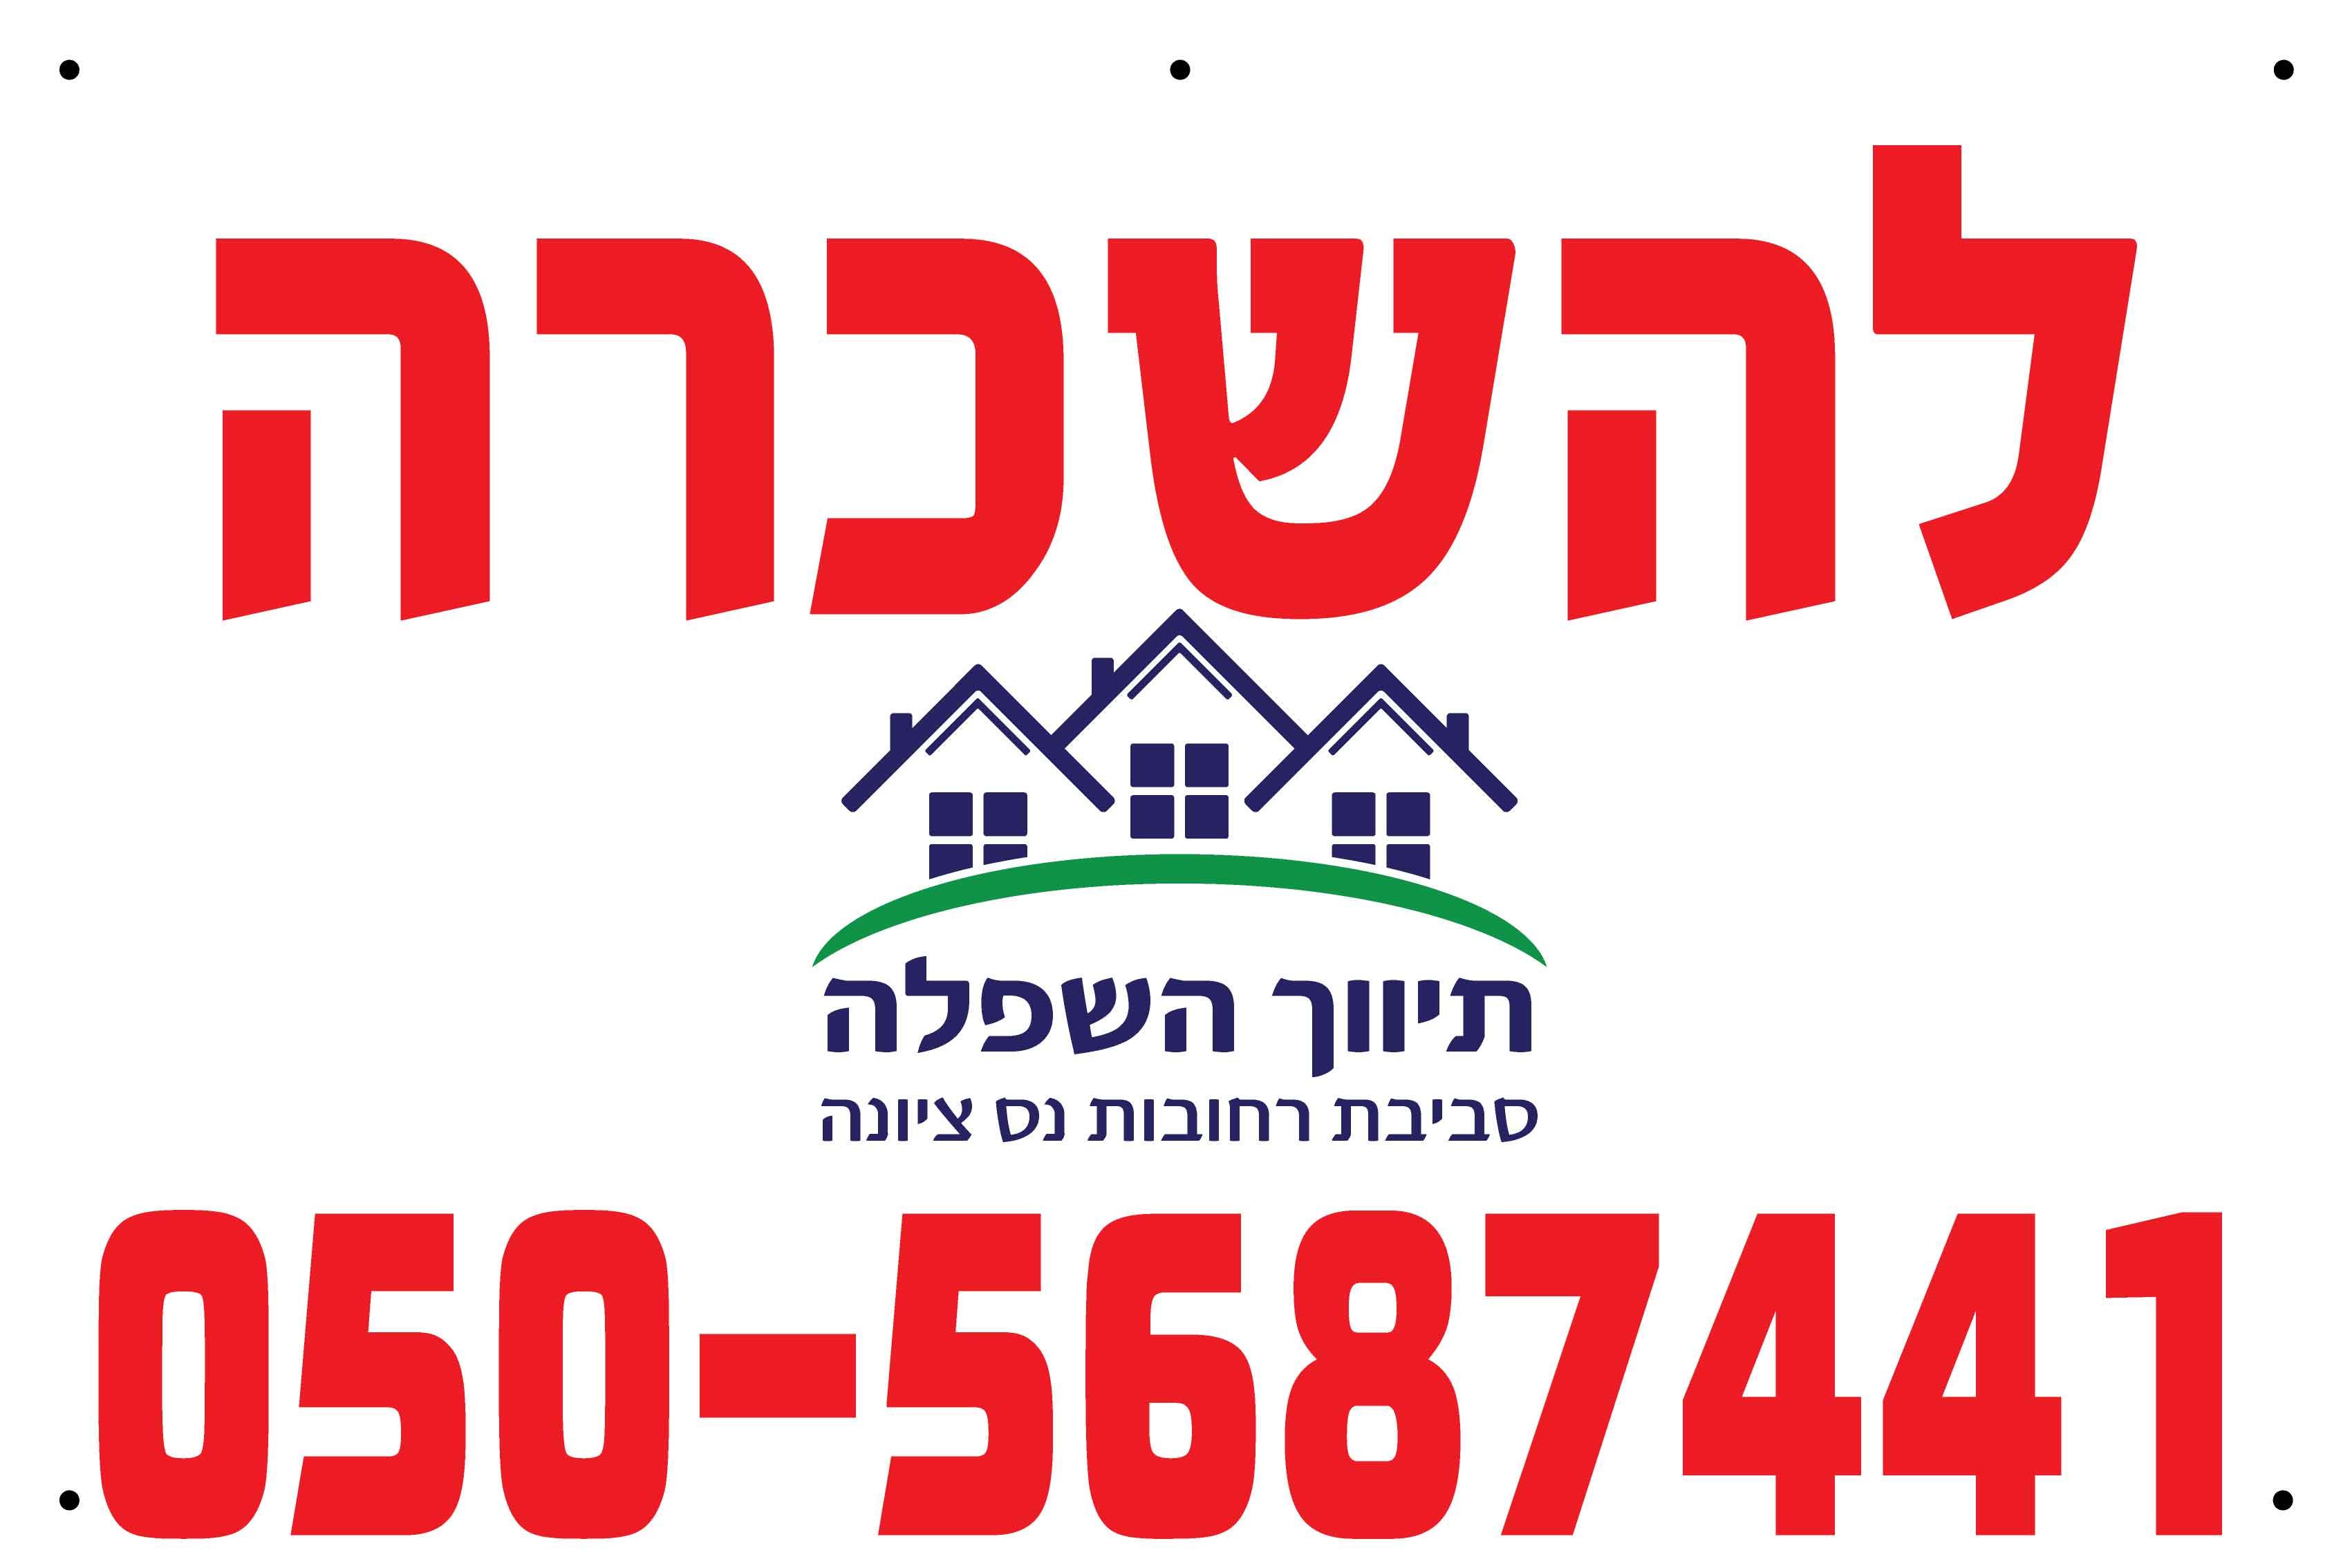 D שלט פוליפרופילן לבן למתווכים 10 יח' דירה להשכרה 80/120 ס''מ